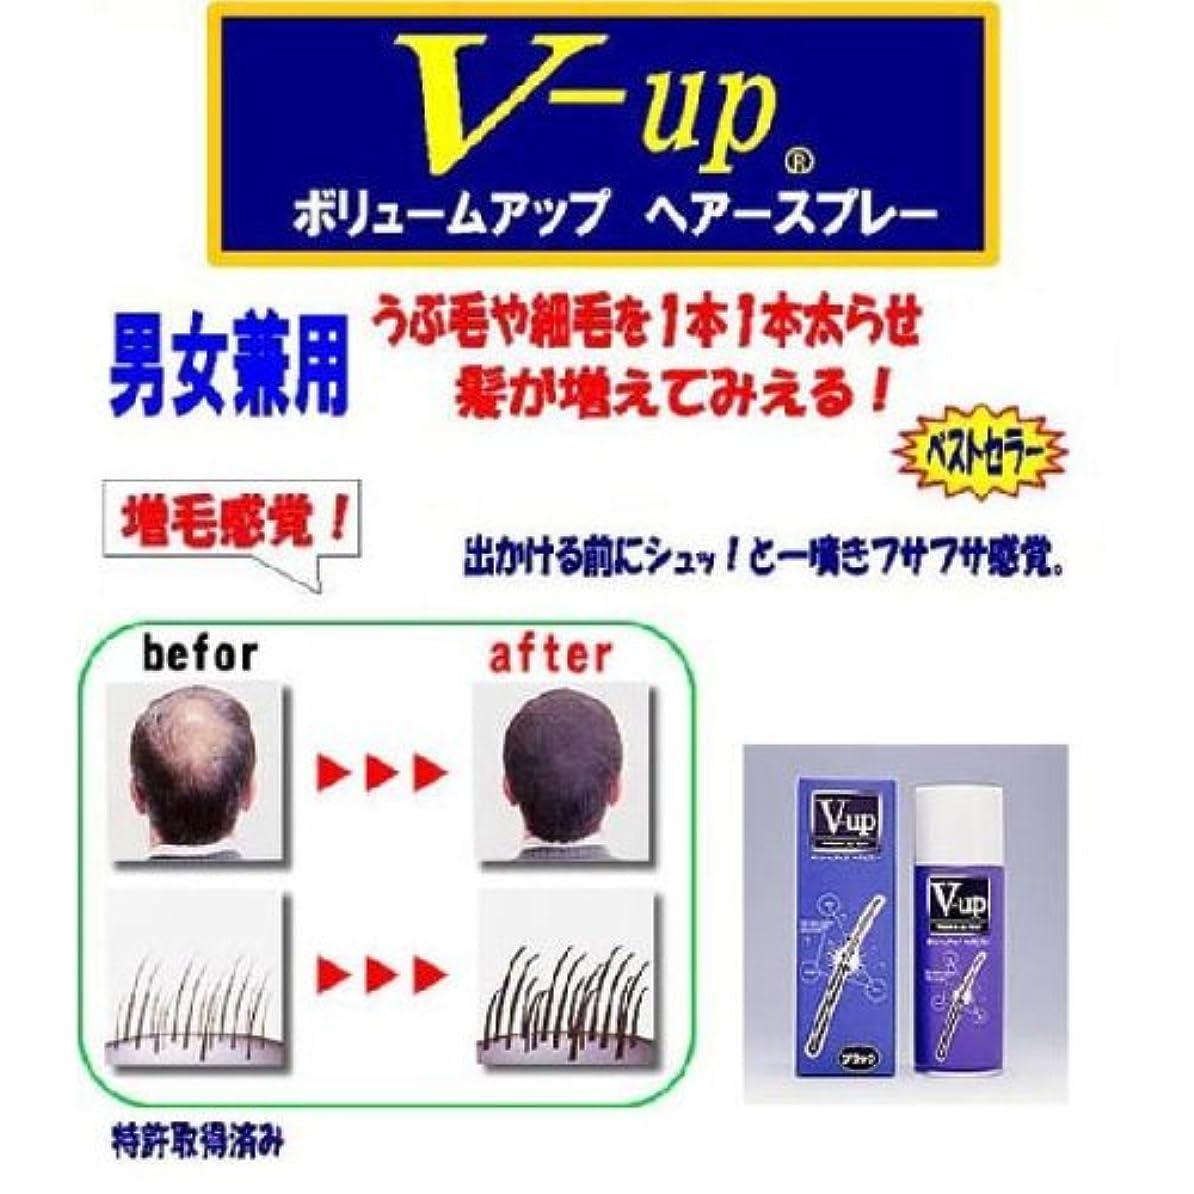 項目路地免疫するV-アップヘアスプレー200g【カラー:ダークブラウン】